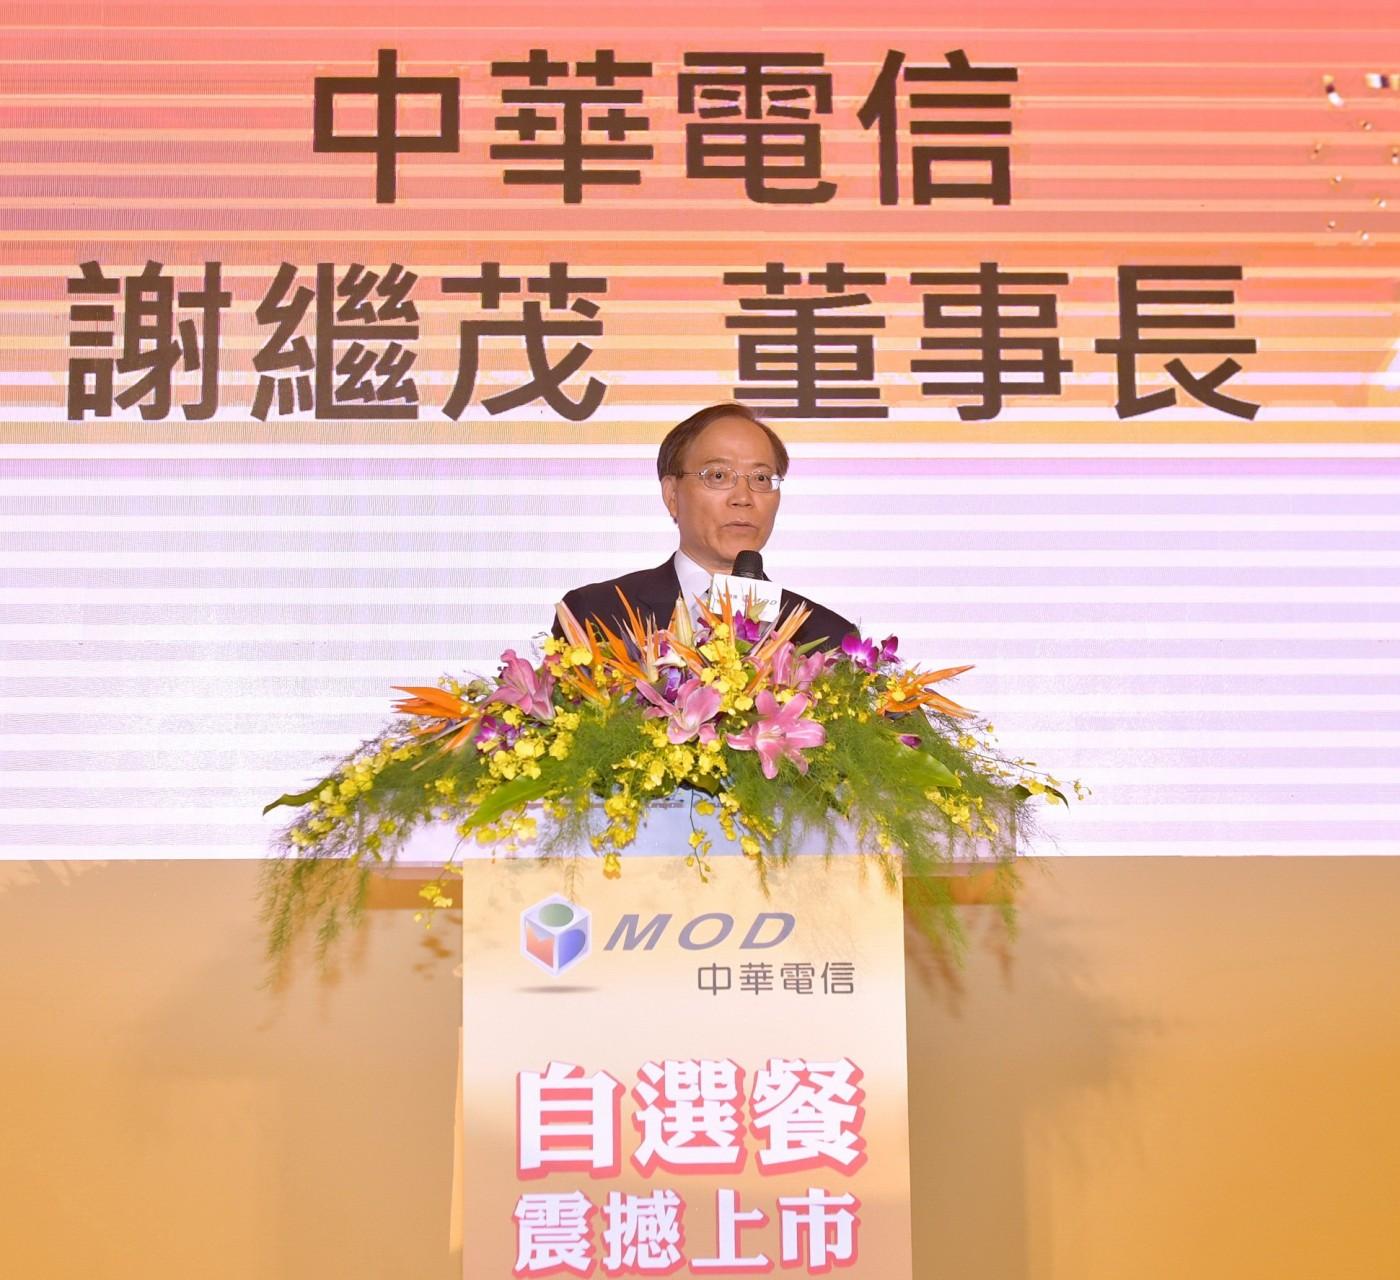 《產業領袖觀點》幫低資費傷口止血,中華電信2策略衝刺新客源